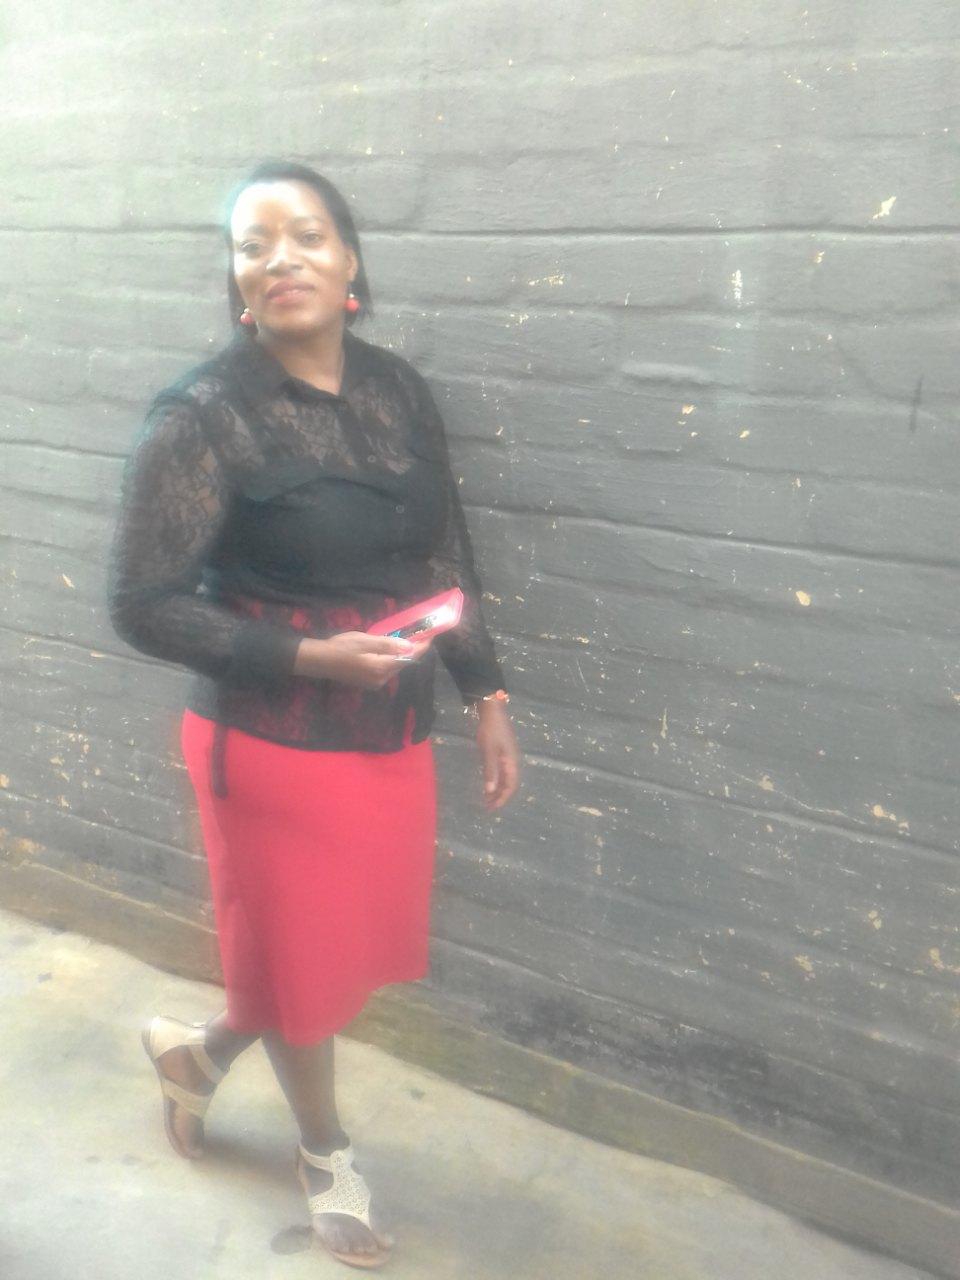 ZIMBABWEAN DOMESTIC WORKER/MAID